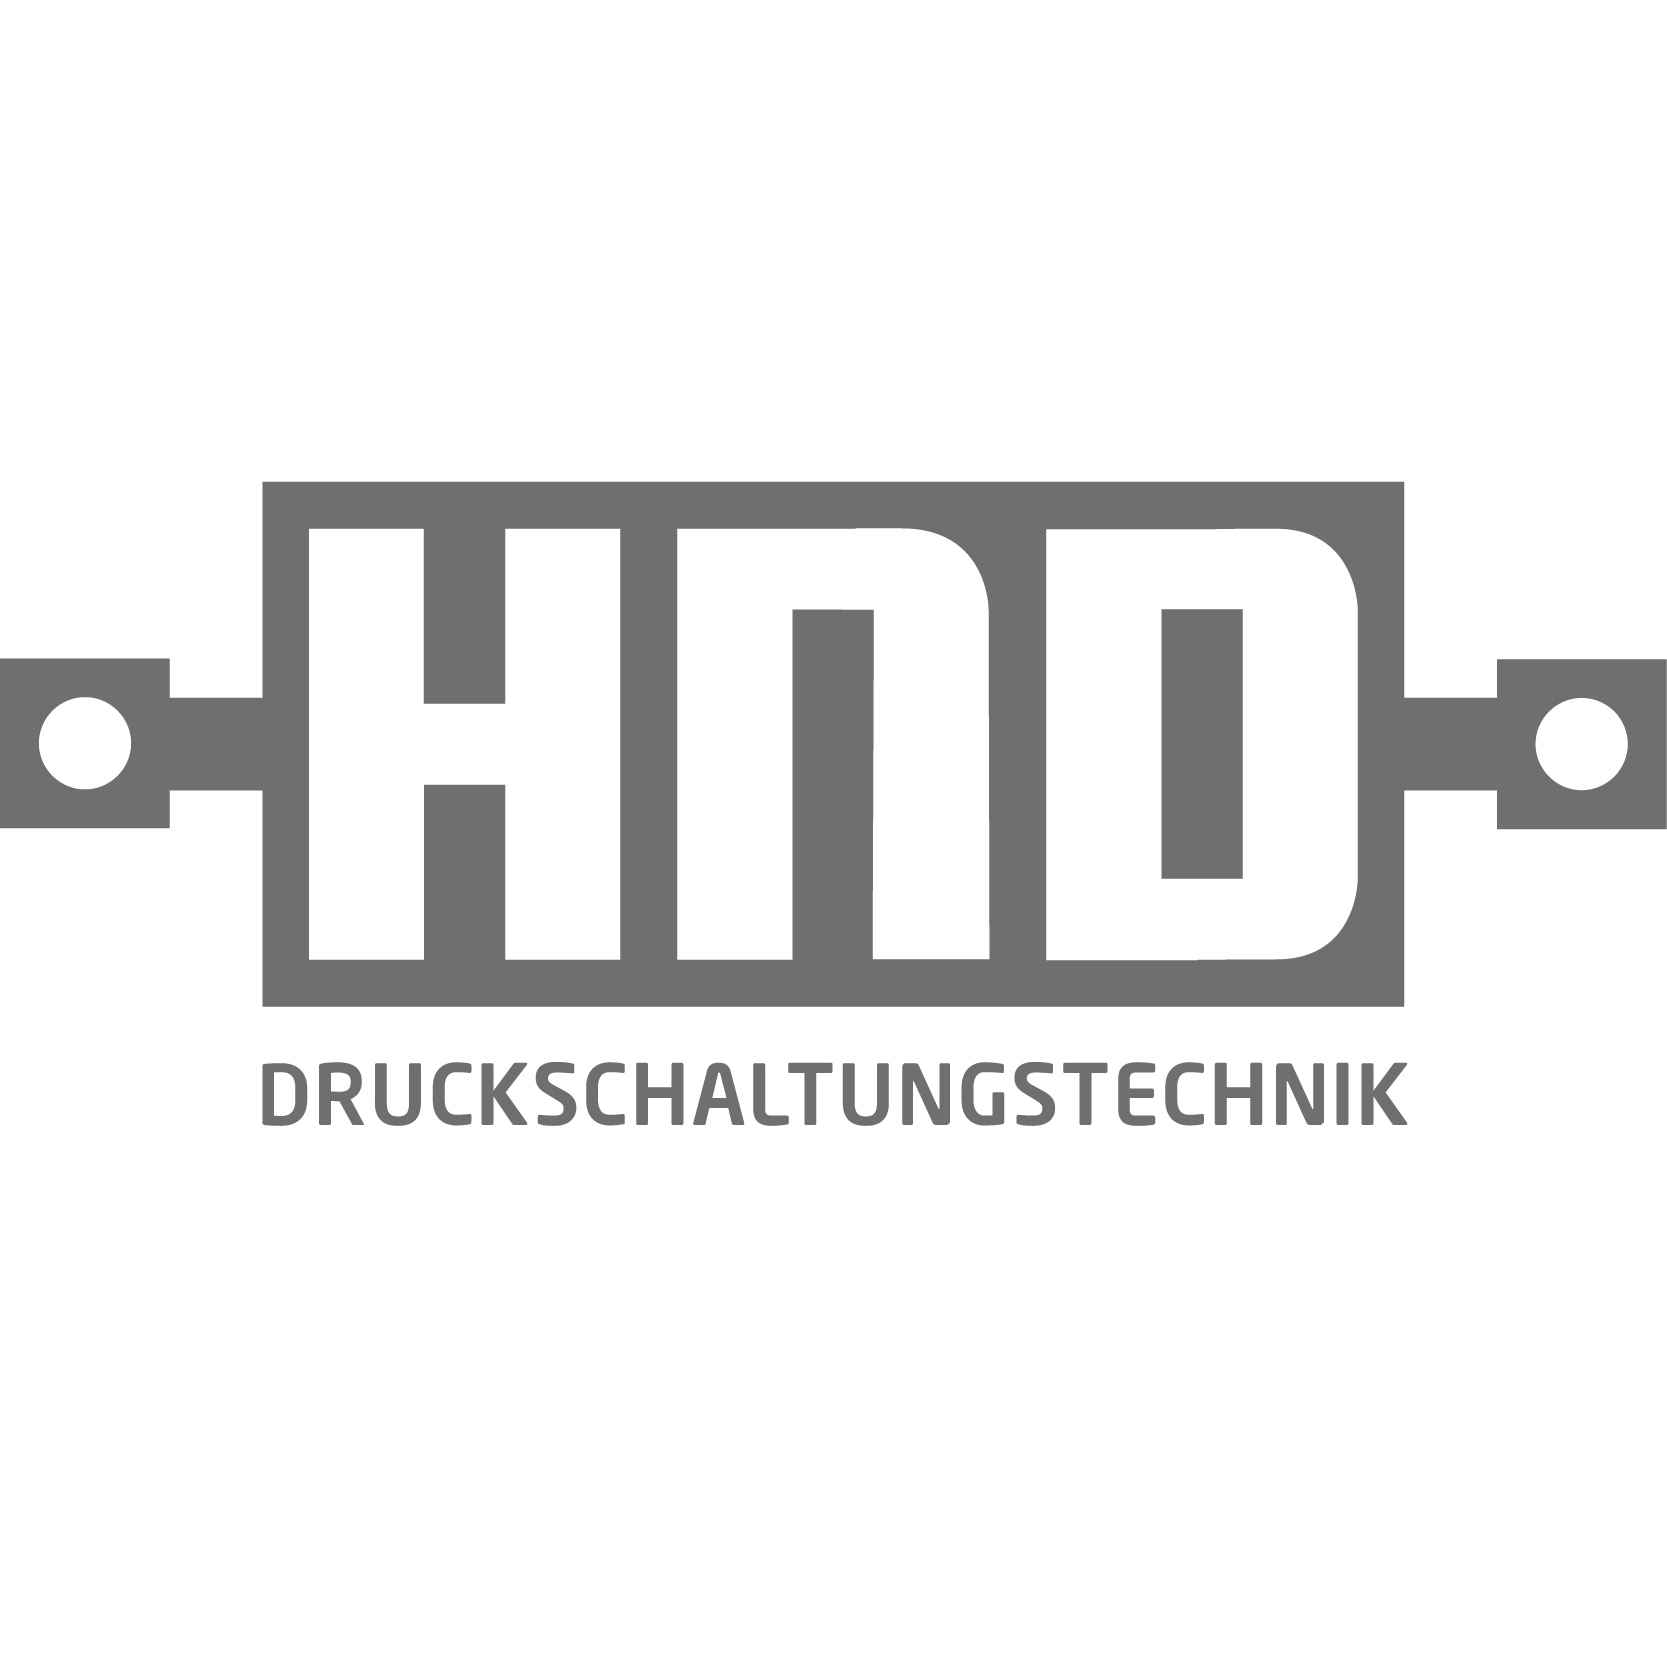 Hans Neukirchner Druckschaltungstechnik GmbH